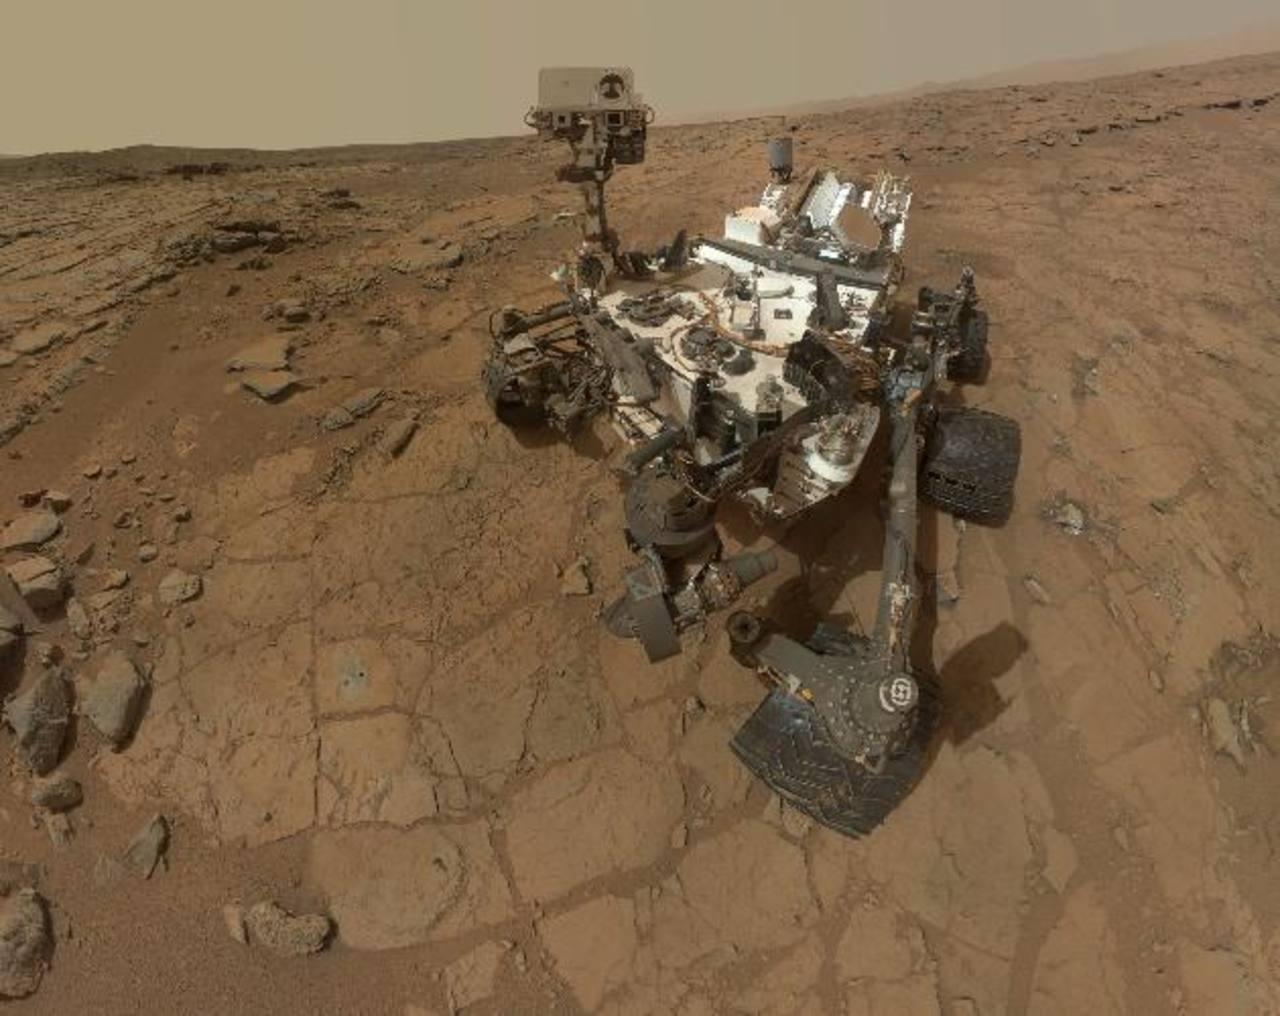 El vehículo de la Nasa está en Marte desde 2012. foto edh / efe